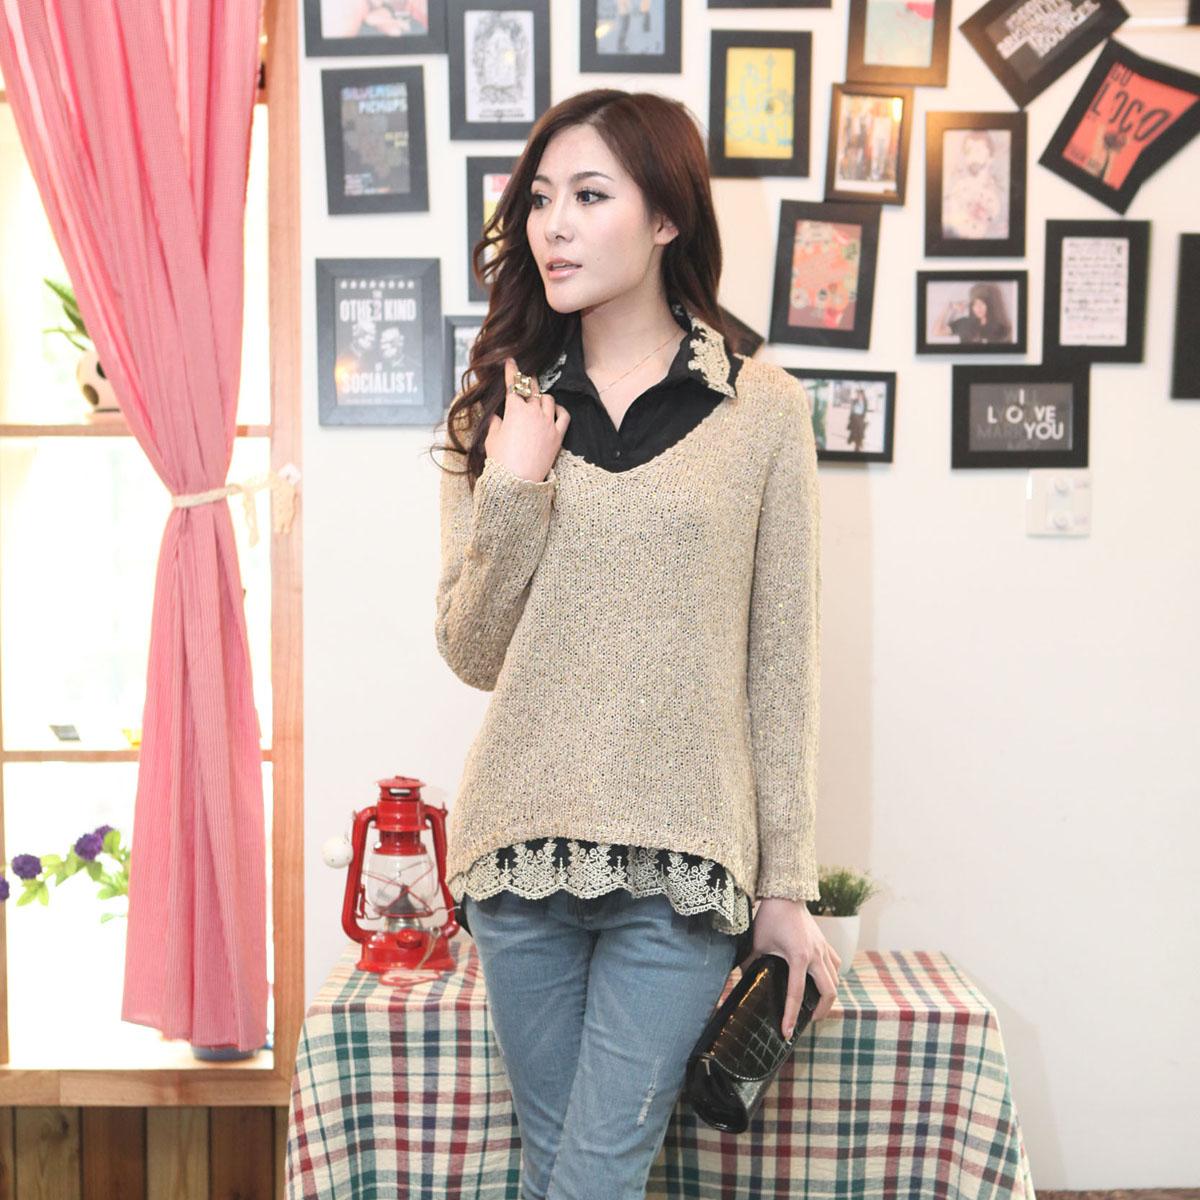 Свитер женский Осень 2013 корейской версии нового рубашка свитер два куска набор (отправка рубашки) для отдыха и элегантные осень